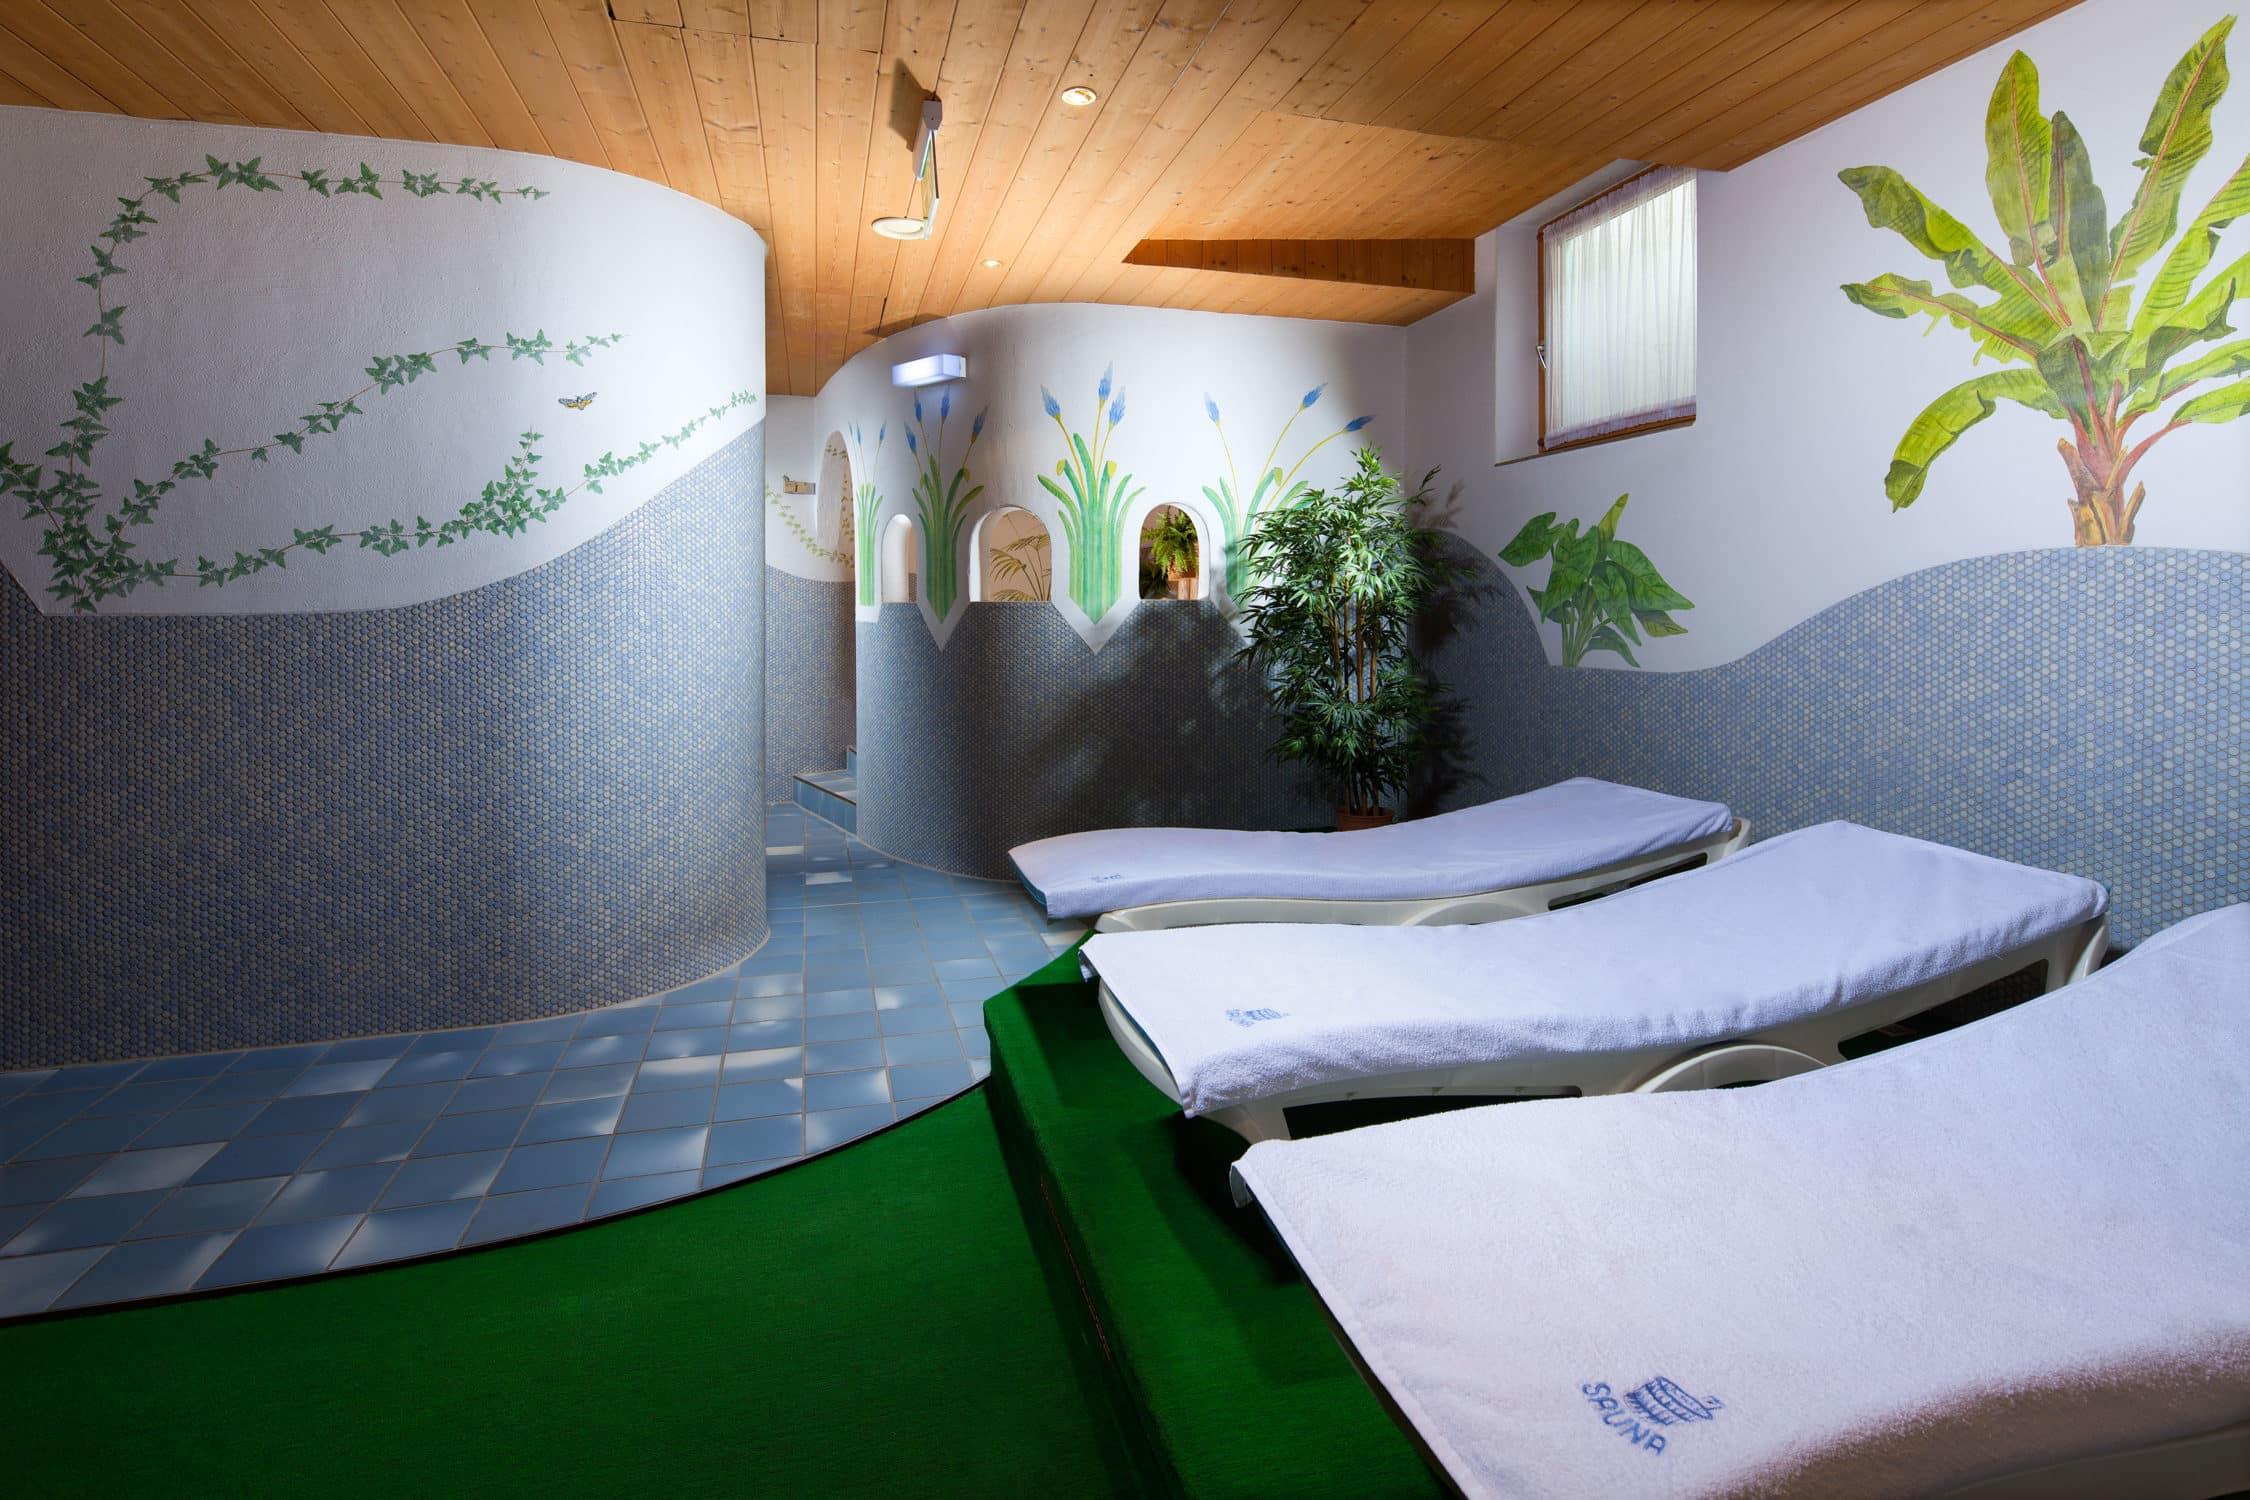 Entspannungsraum in unserem Hotel Gasthof Nutzkaser, Wellness und Entspannung pur